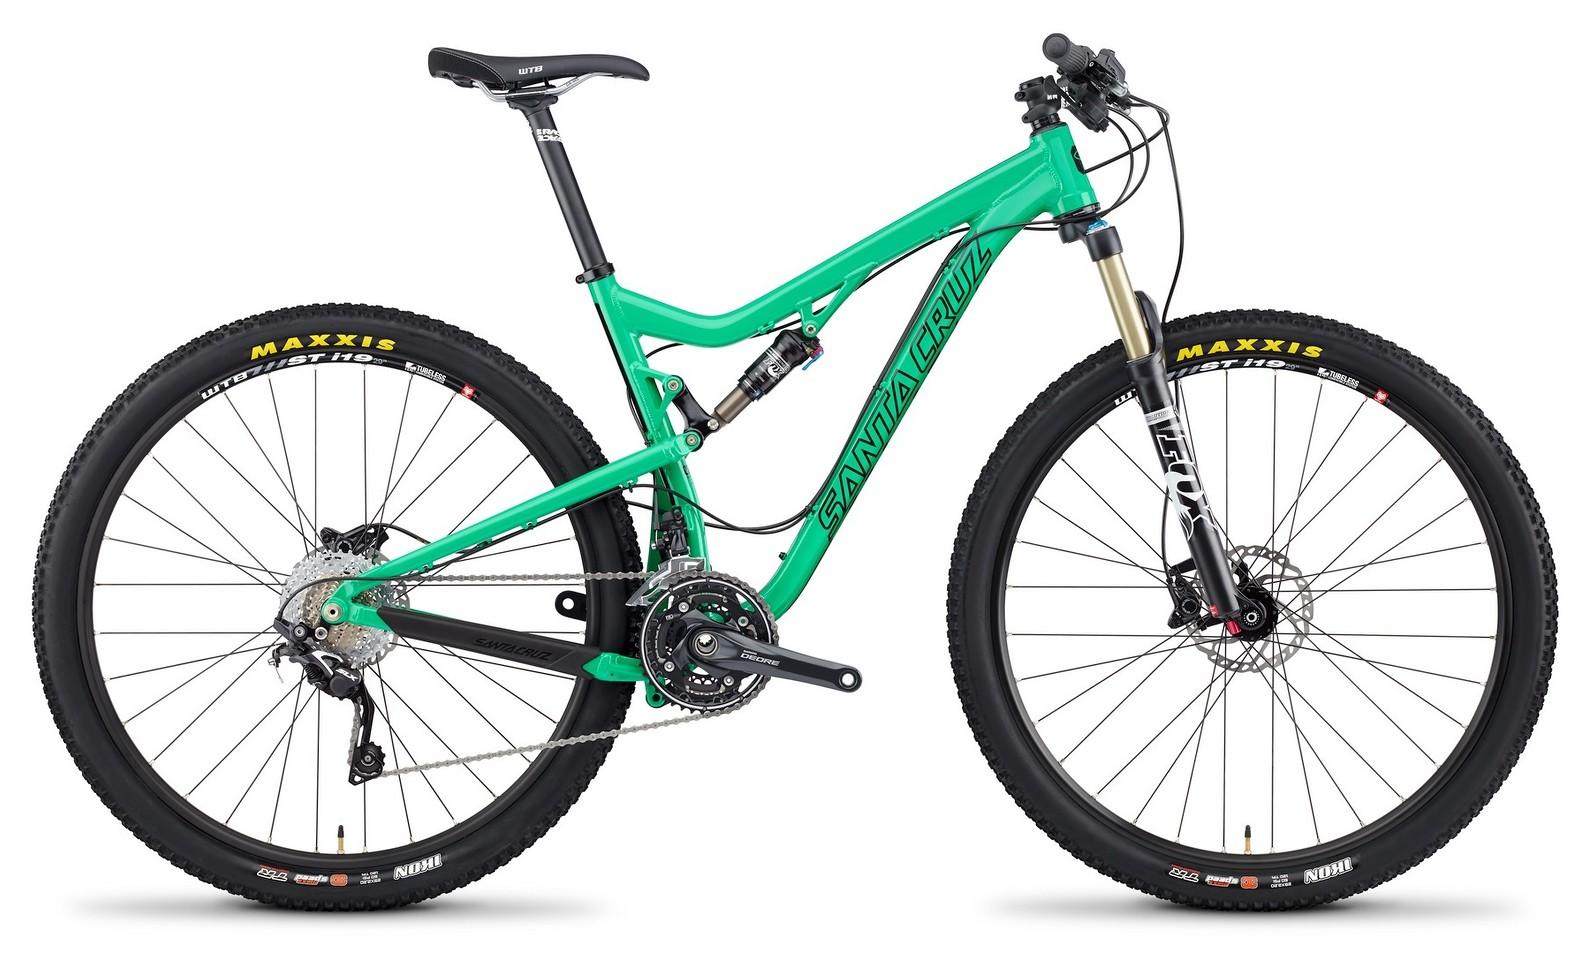 2014 Santa Cruz Tallboy 2 XX1 XC 29 Bike TallBoy_profile_Alum_GRN